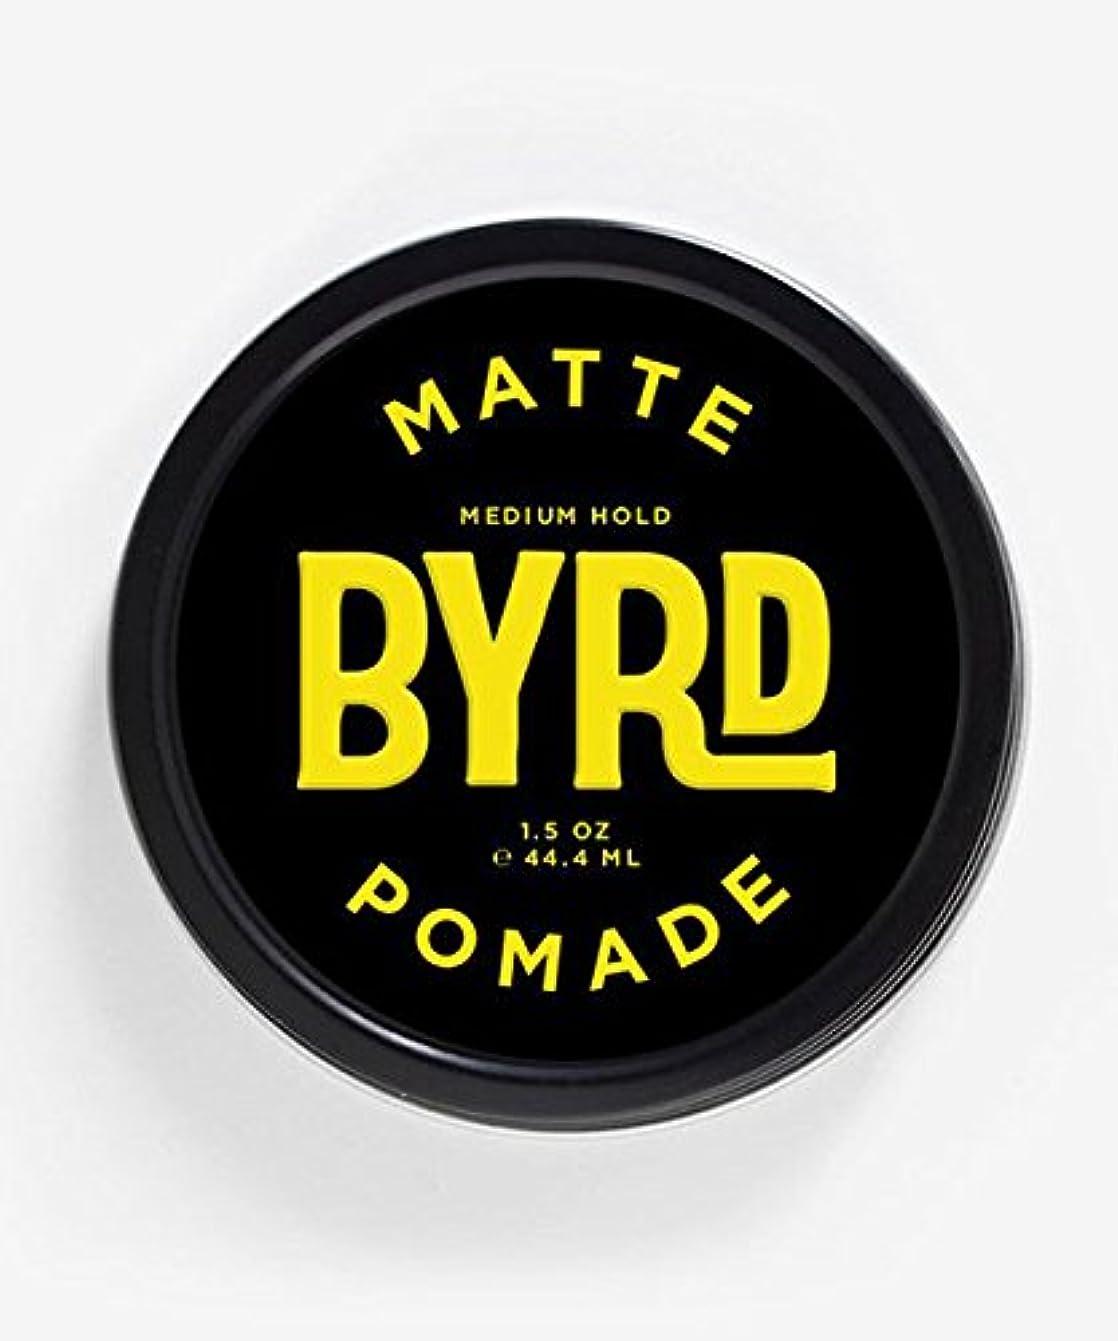 一口コピーコミュニケーションBYRD(バード) マットポマード 42g